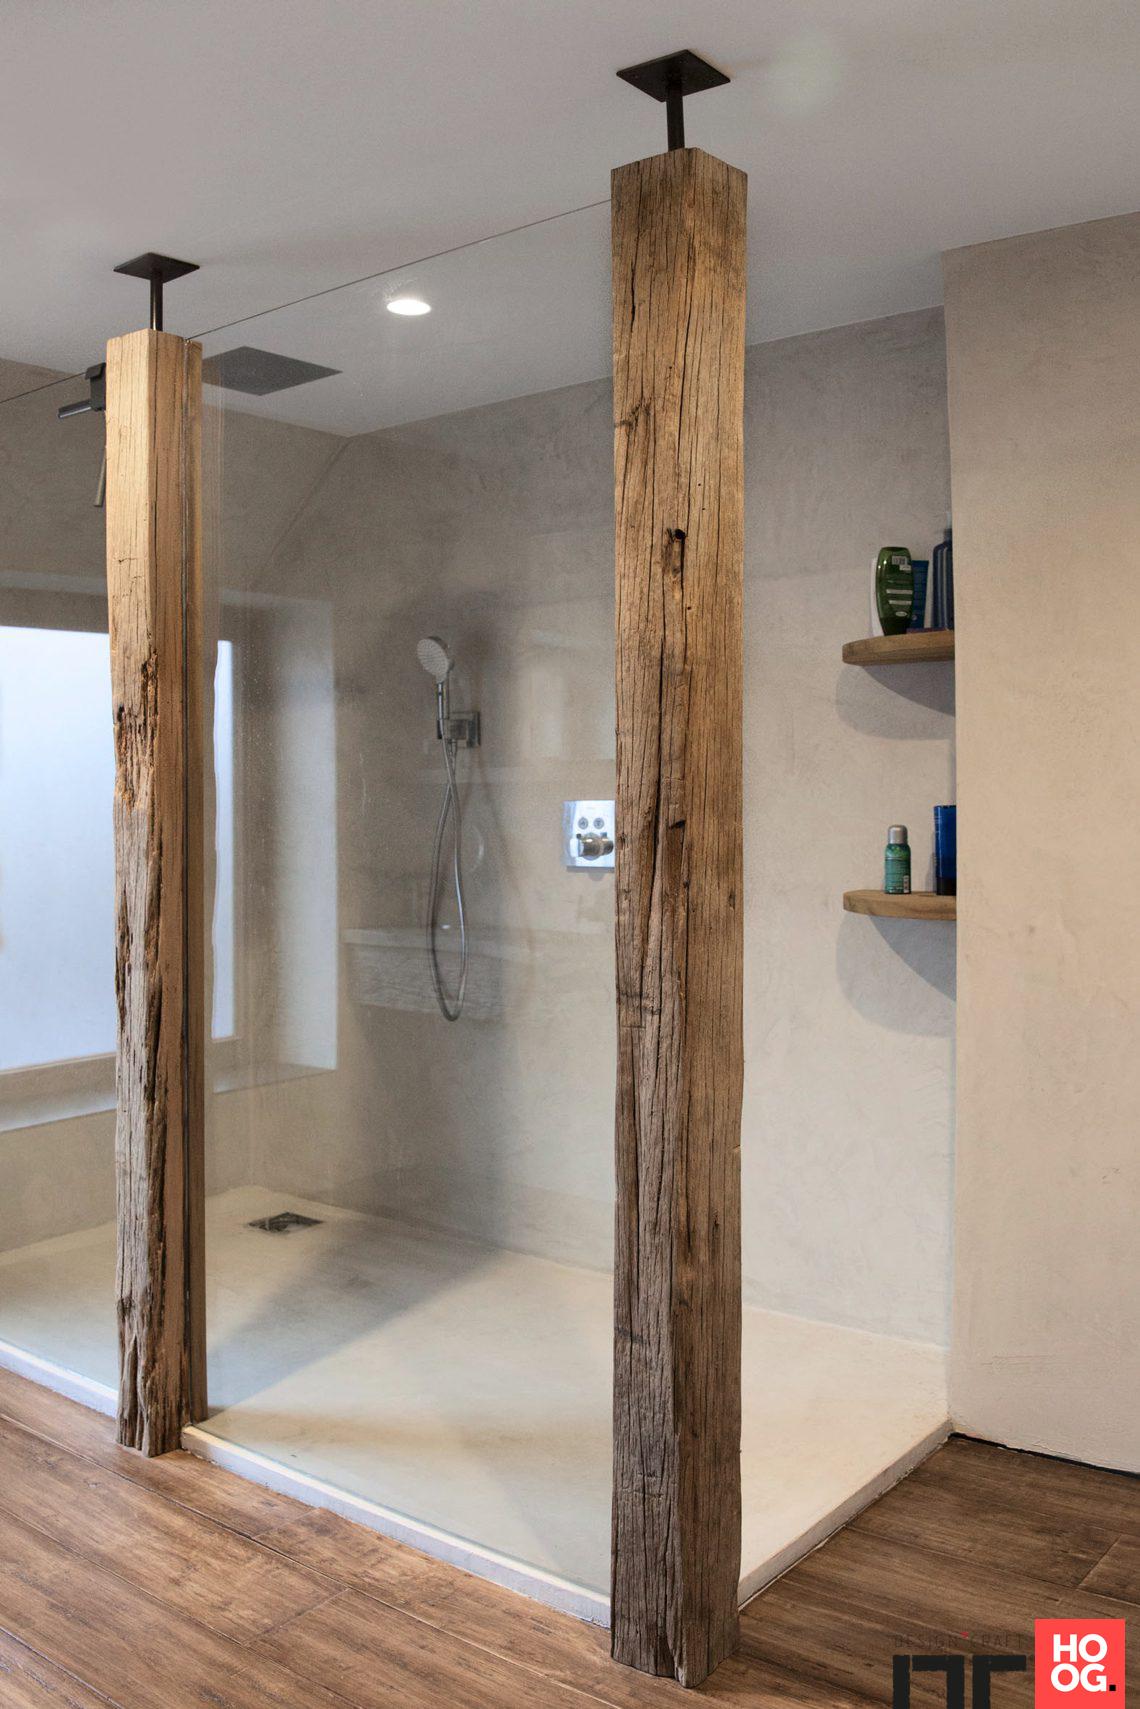 Dirk Cousaert – Design Craft - Project Messine - Hoog ■ Exclusieve woon- en tuin inspiratie. #badezimmerideen